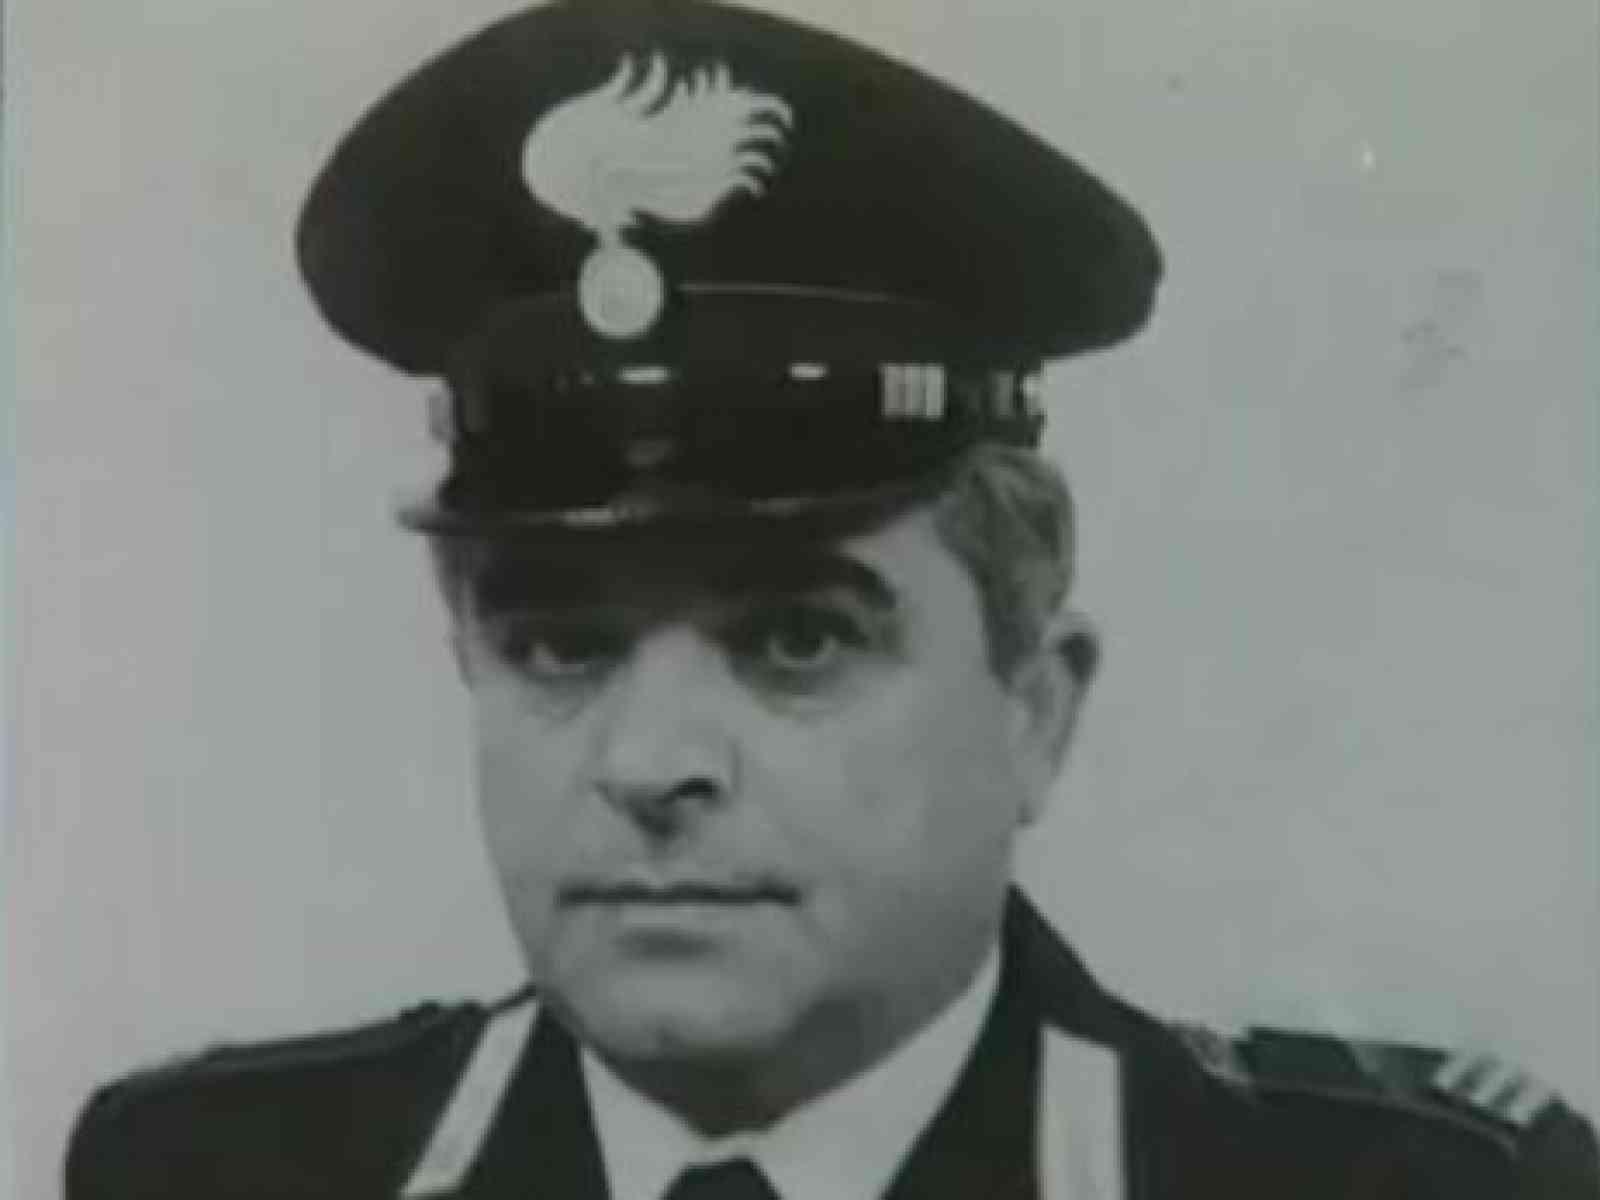 23esimo anniversario dalla scomparsa del Maresciallo Guazzelli. Domani la messa a Sciacca